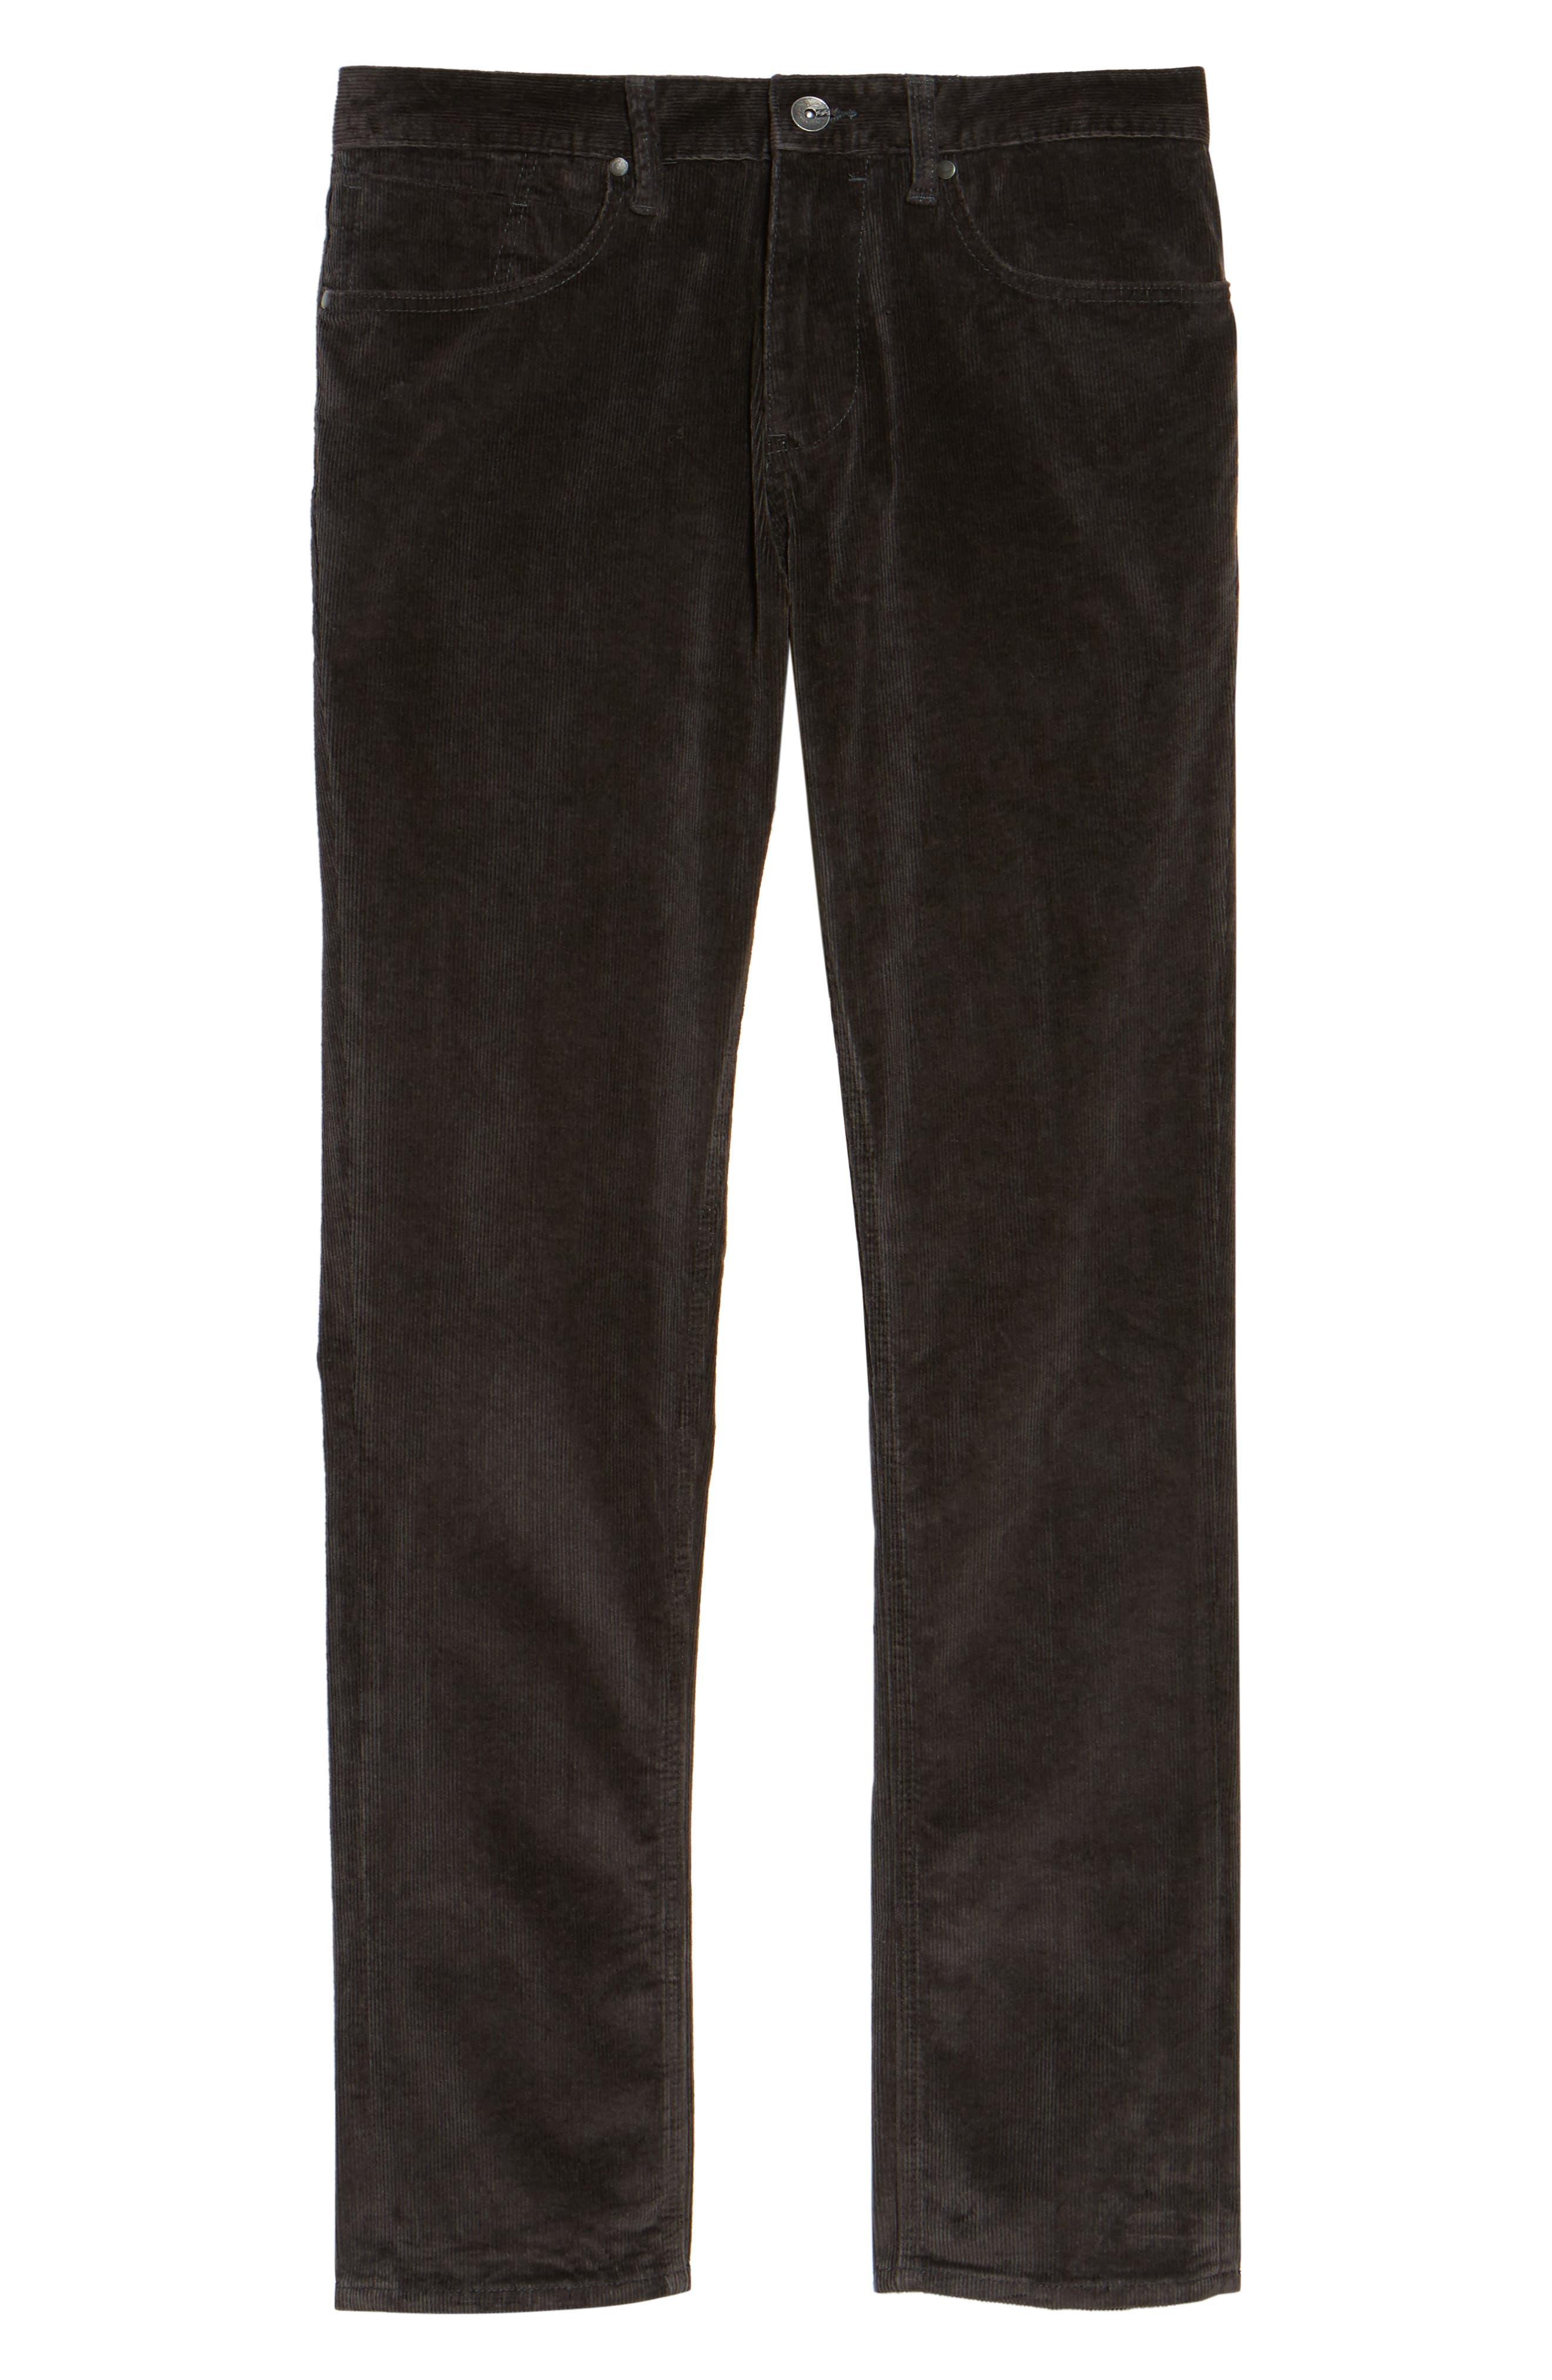 Outsider Corduroy Pants,                             Alternate thumbnail 4, color,                             Charcoal